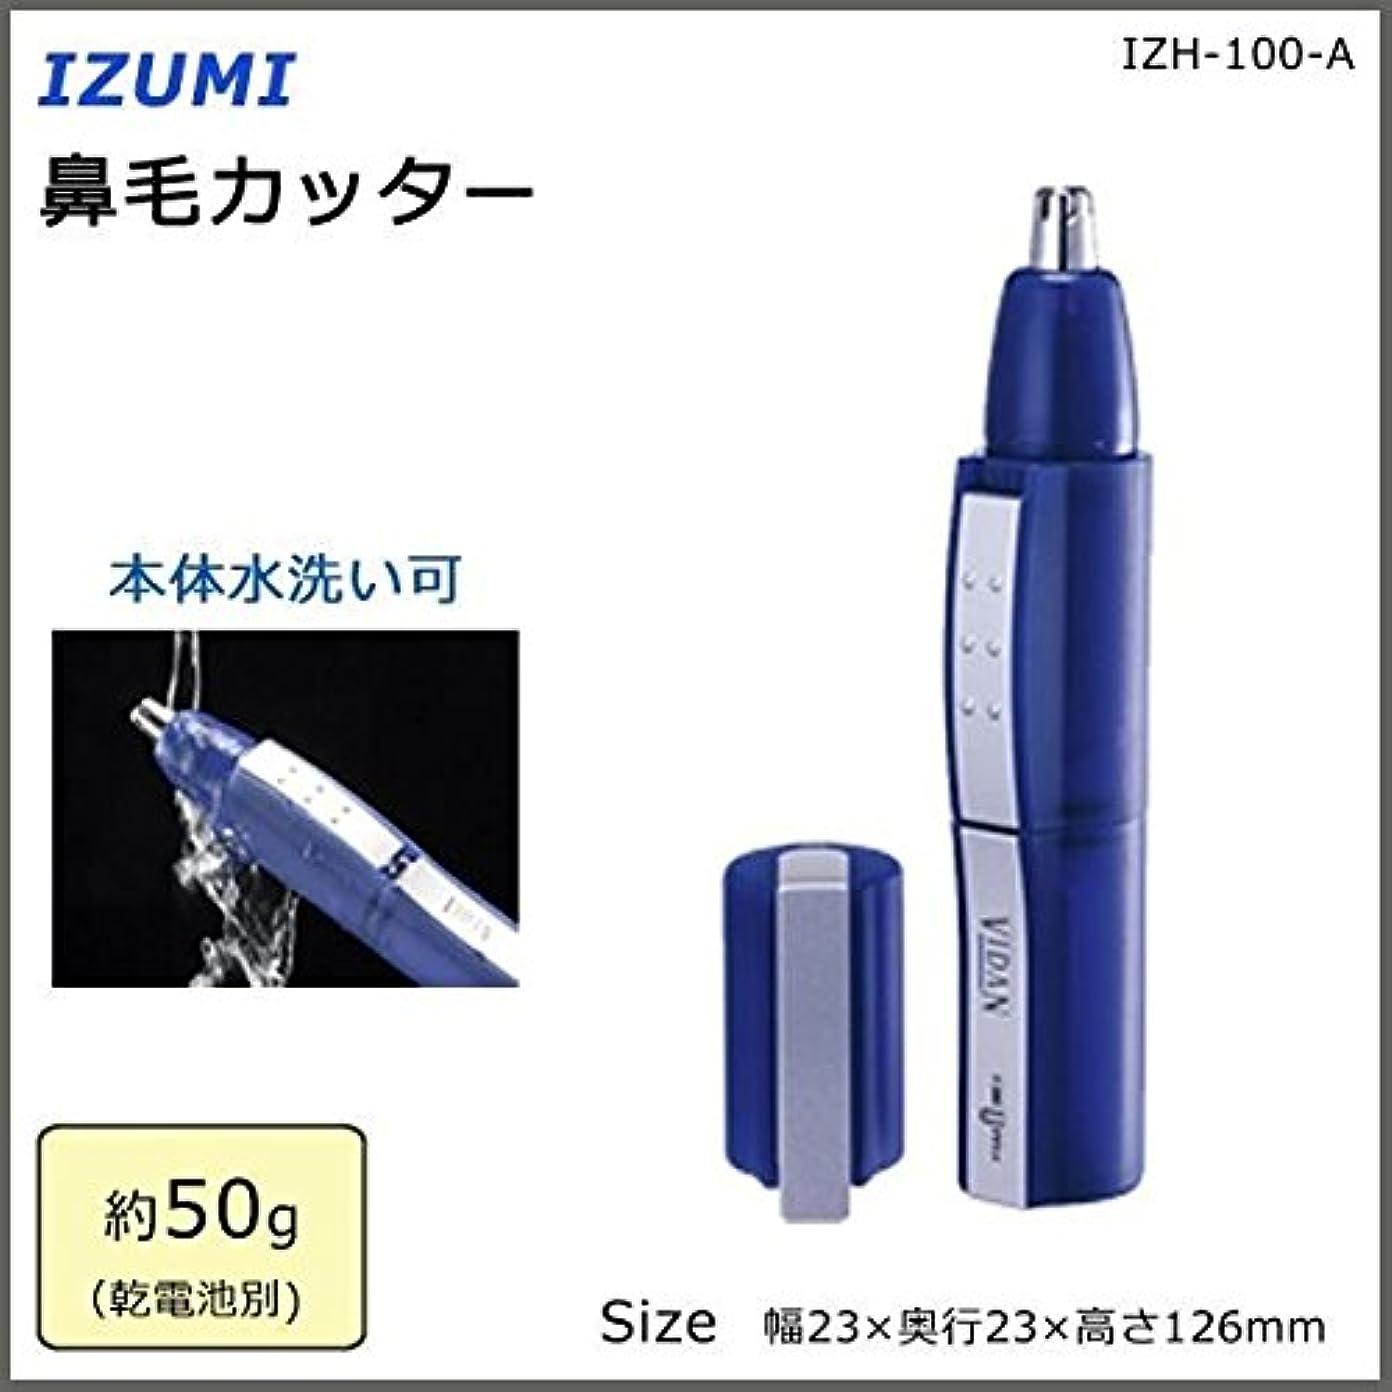 ピケ心から忠実にIZUMI 鼻毛カッター IZH-100-A